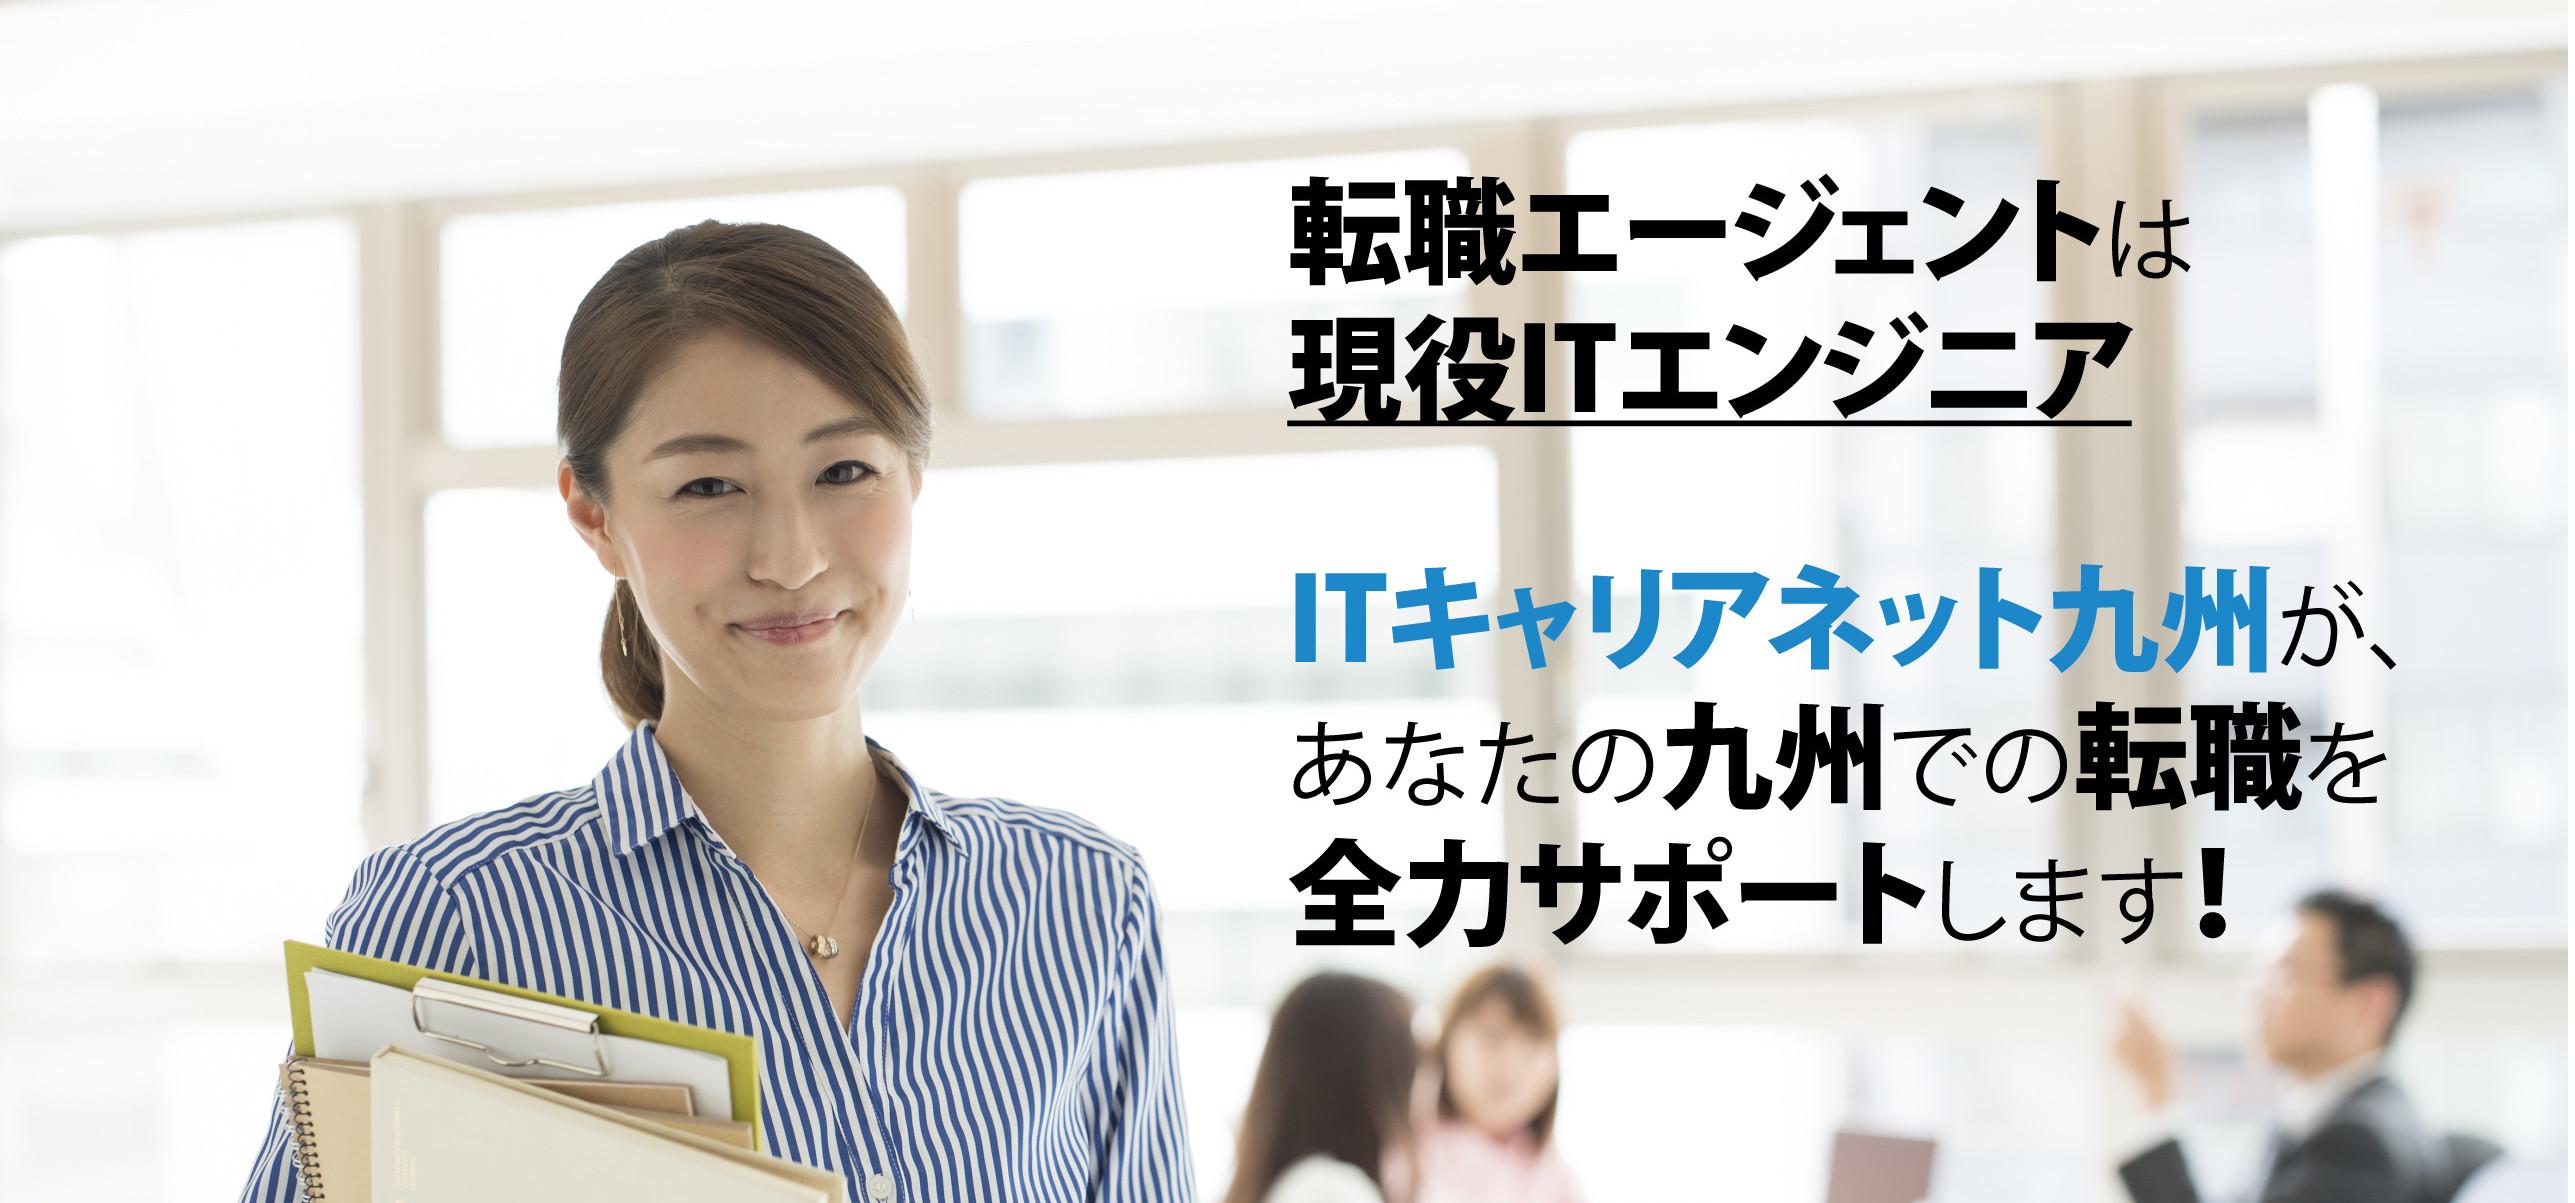 【オフィス 女性 文字】